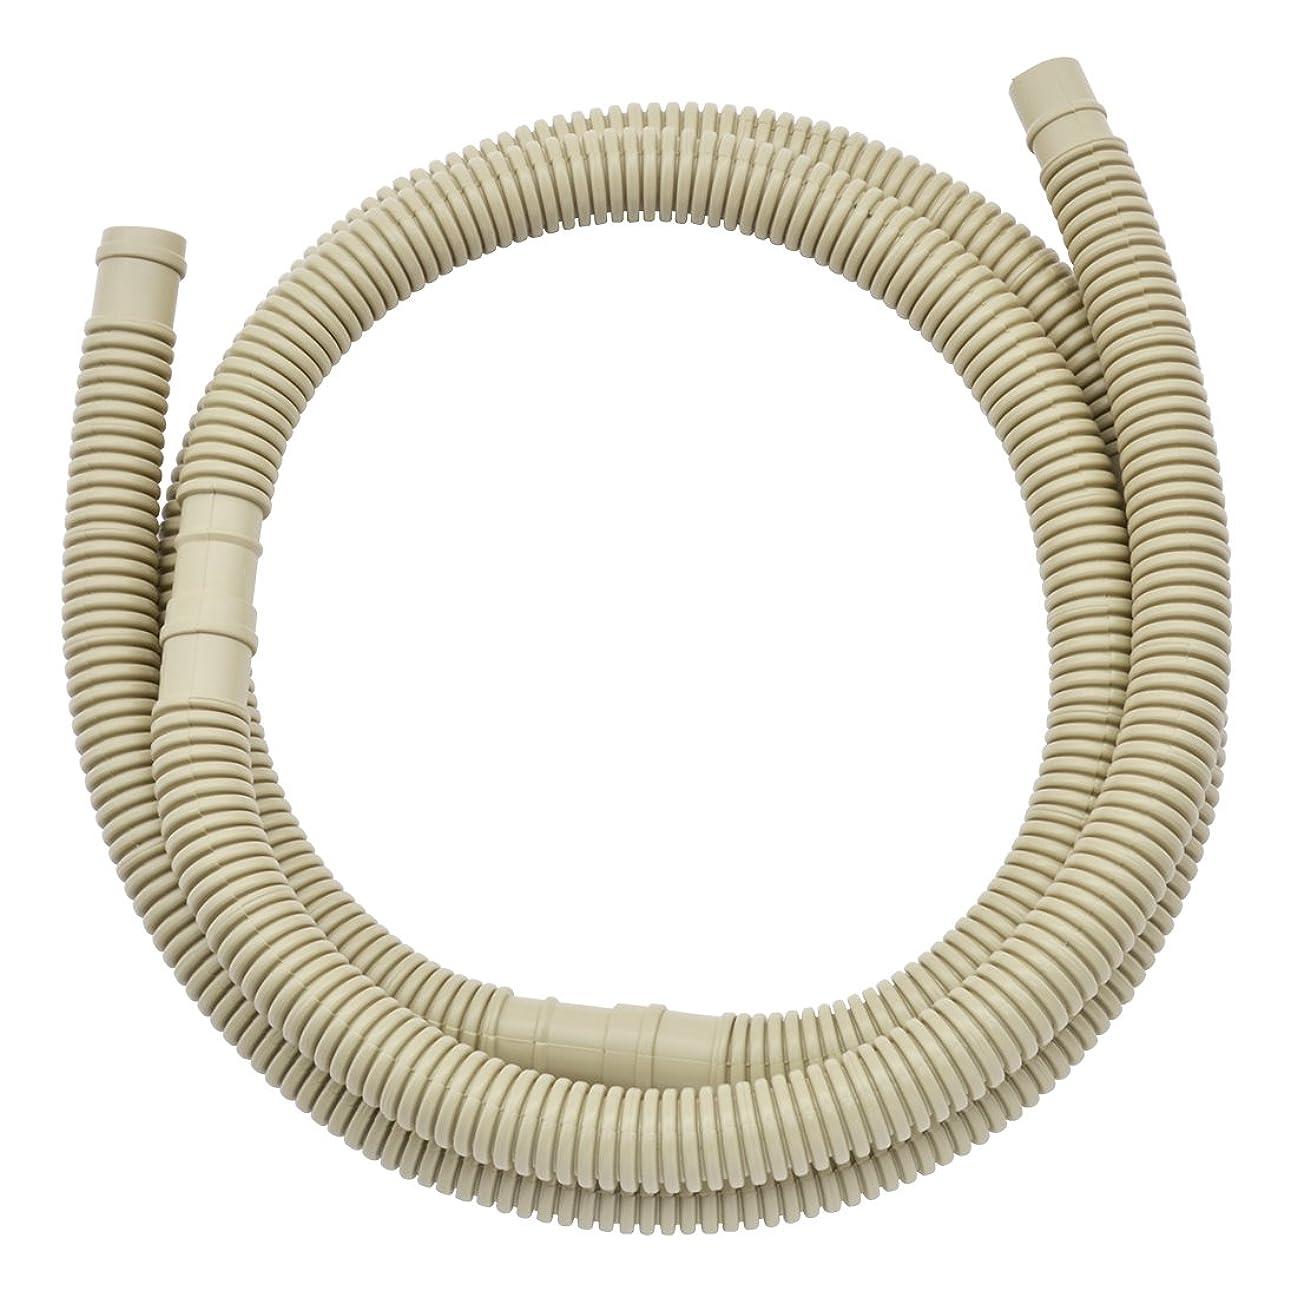 メナジェリーテクスチャー今壁掛用 エアコン洗浄カバー KB-8016 クリーニング 洗浄シート(10個入り)